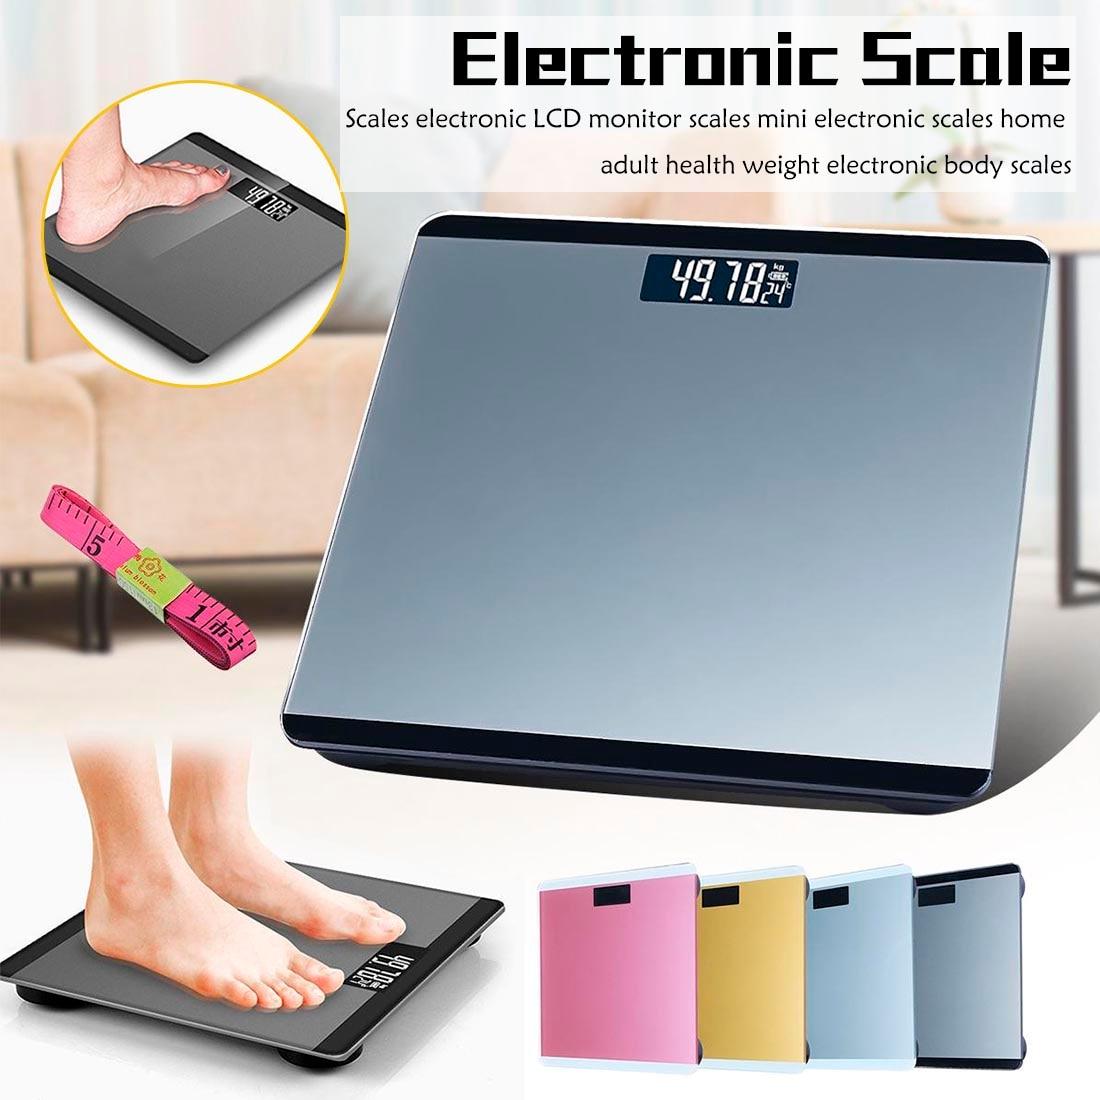 4 couleurs échelles électroniques LCD moniteur échelles mini balances électroniques maison adulte santé poids électronique balances corporelles